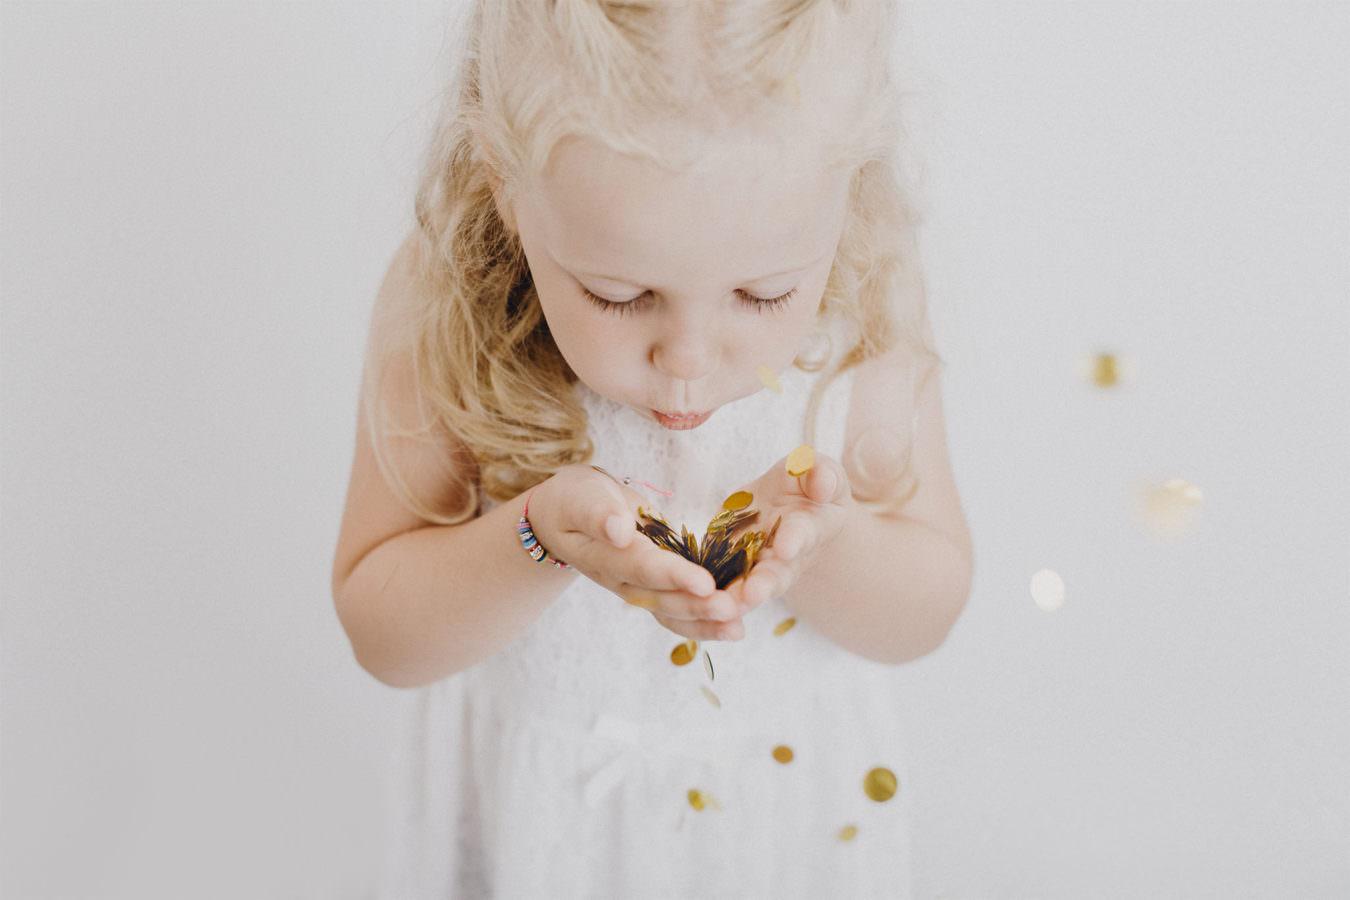 Ein blondes Mädchen mit Locken beim Kinder Fotoshooting, das Goldglitzer in die Luft pustet